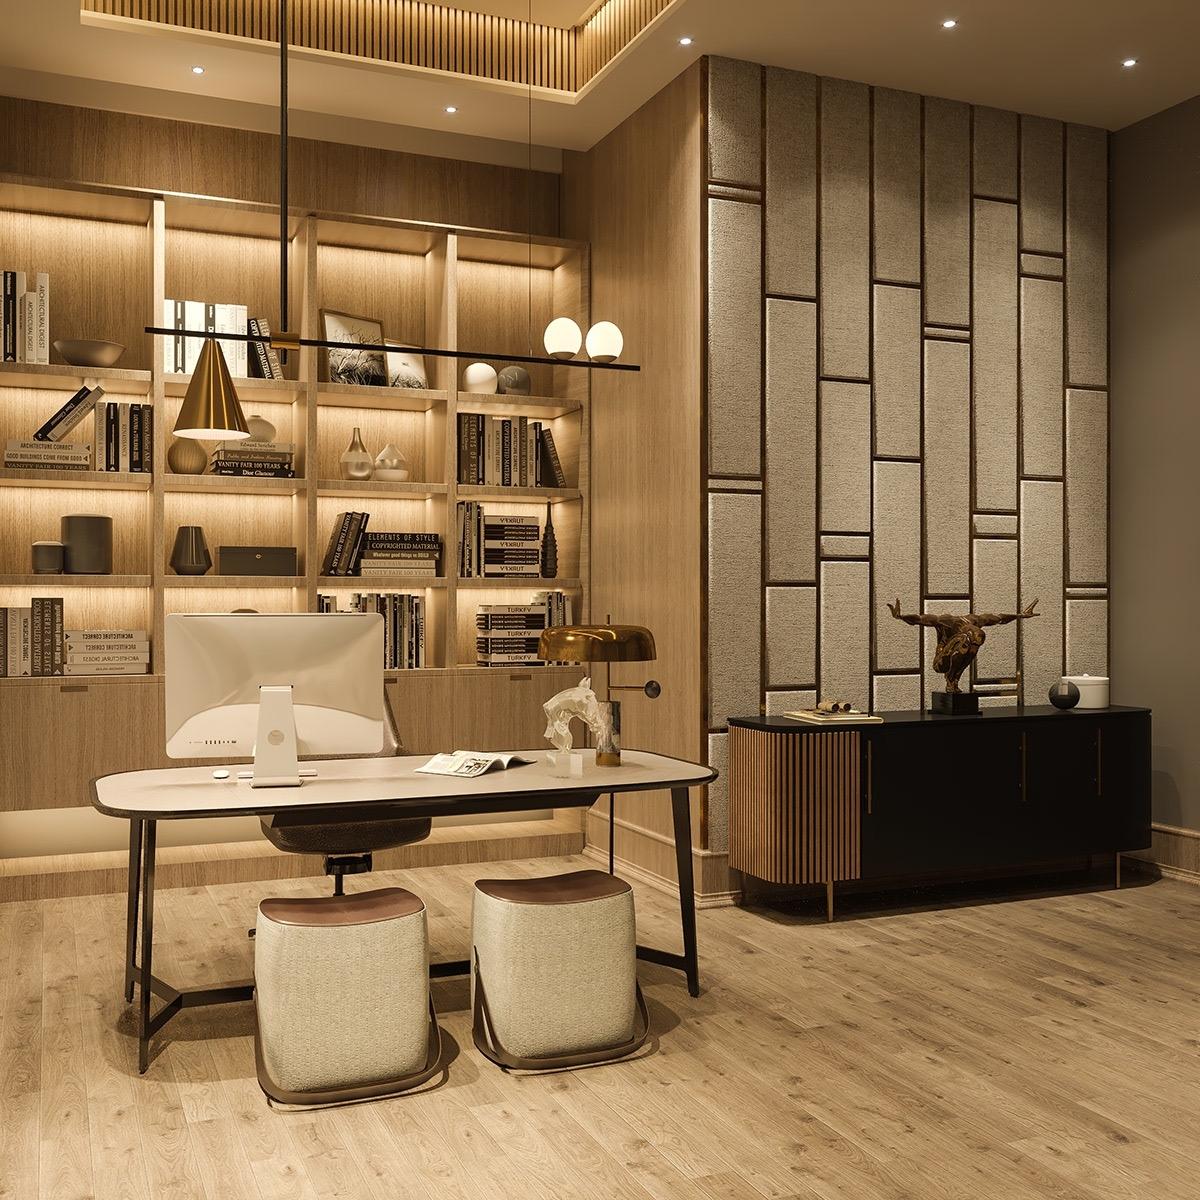 Phòng khách vừa là nơi làm việc vừa là nơi thể hiện cá tính độc đáo của chủ nhân.